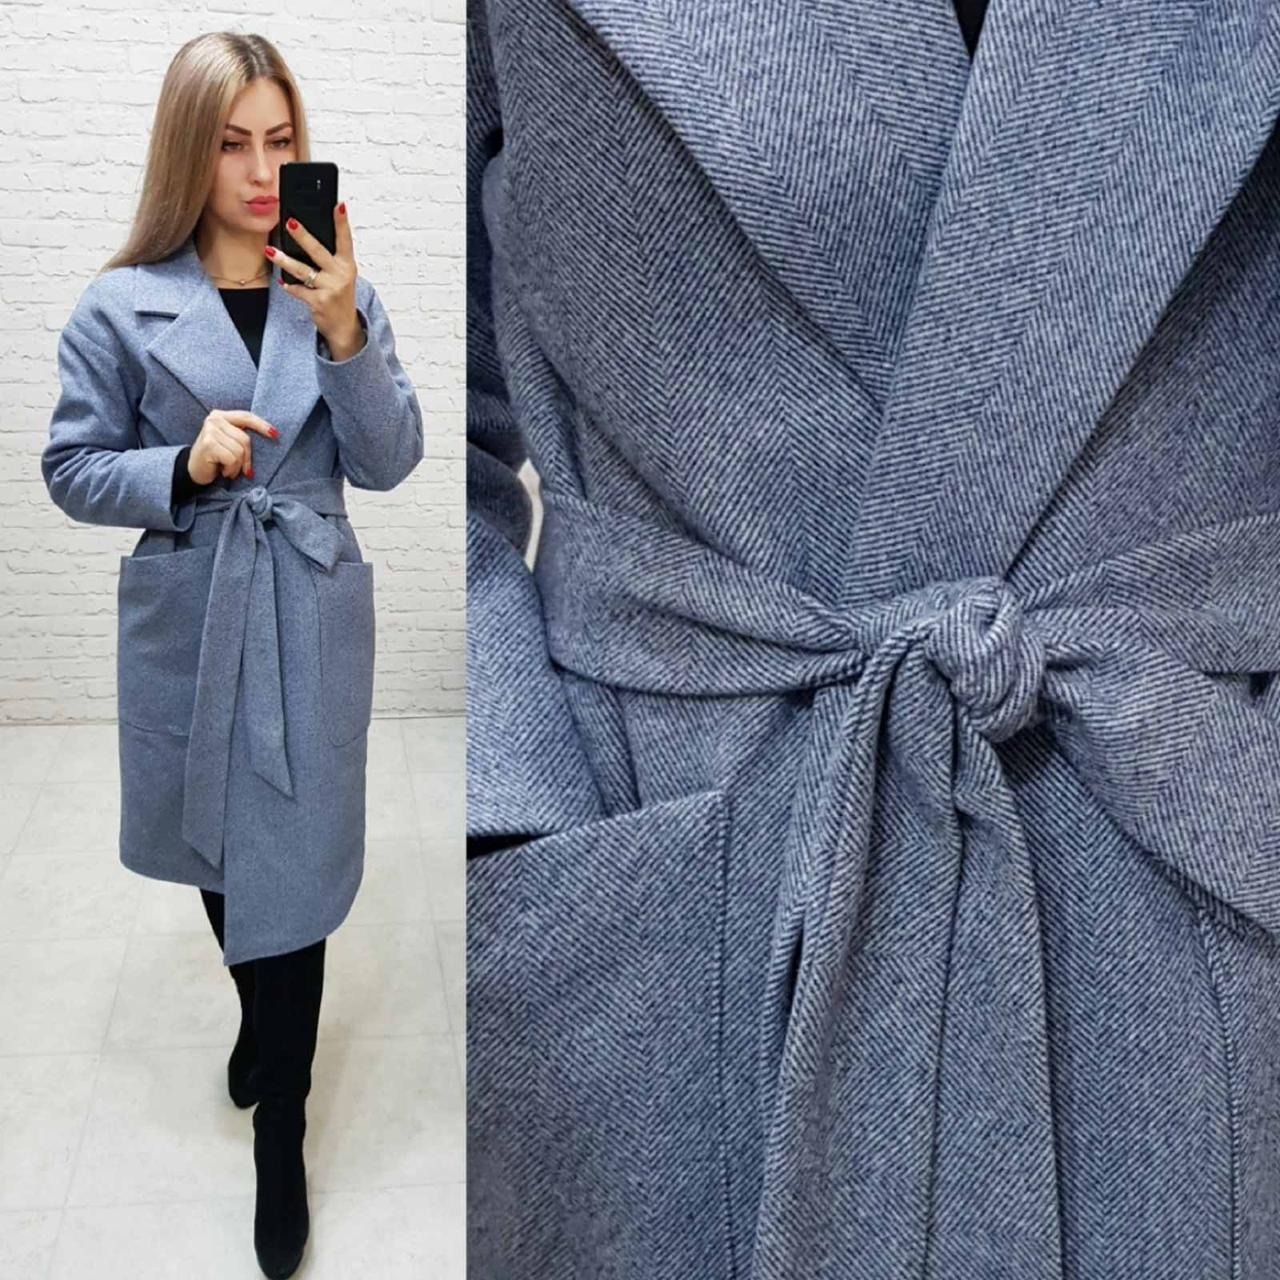 Кашемірове пальто утеплене на запах з кишенями,арт 175, колір сірий з ялинкою (2)